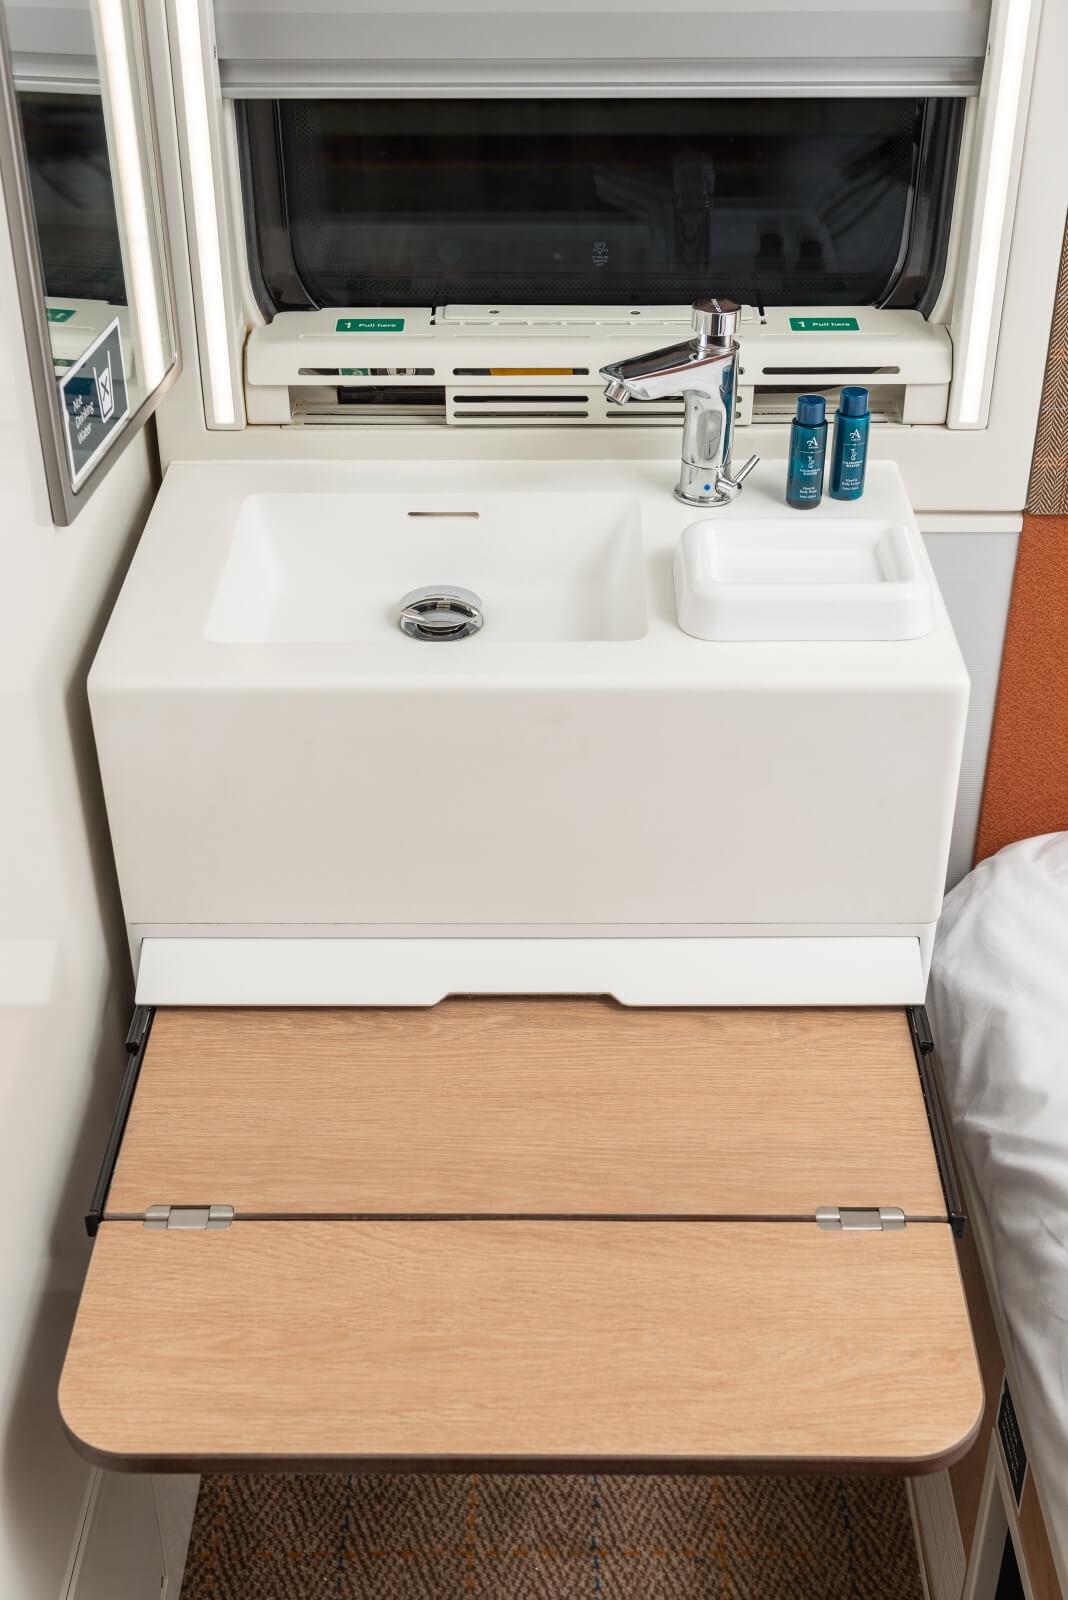 Washing facilities | Caledonian Sleeper